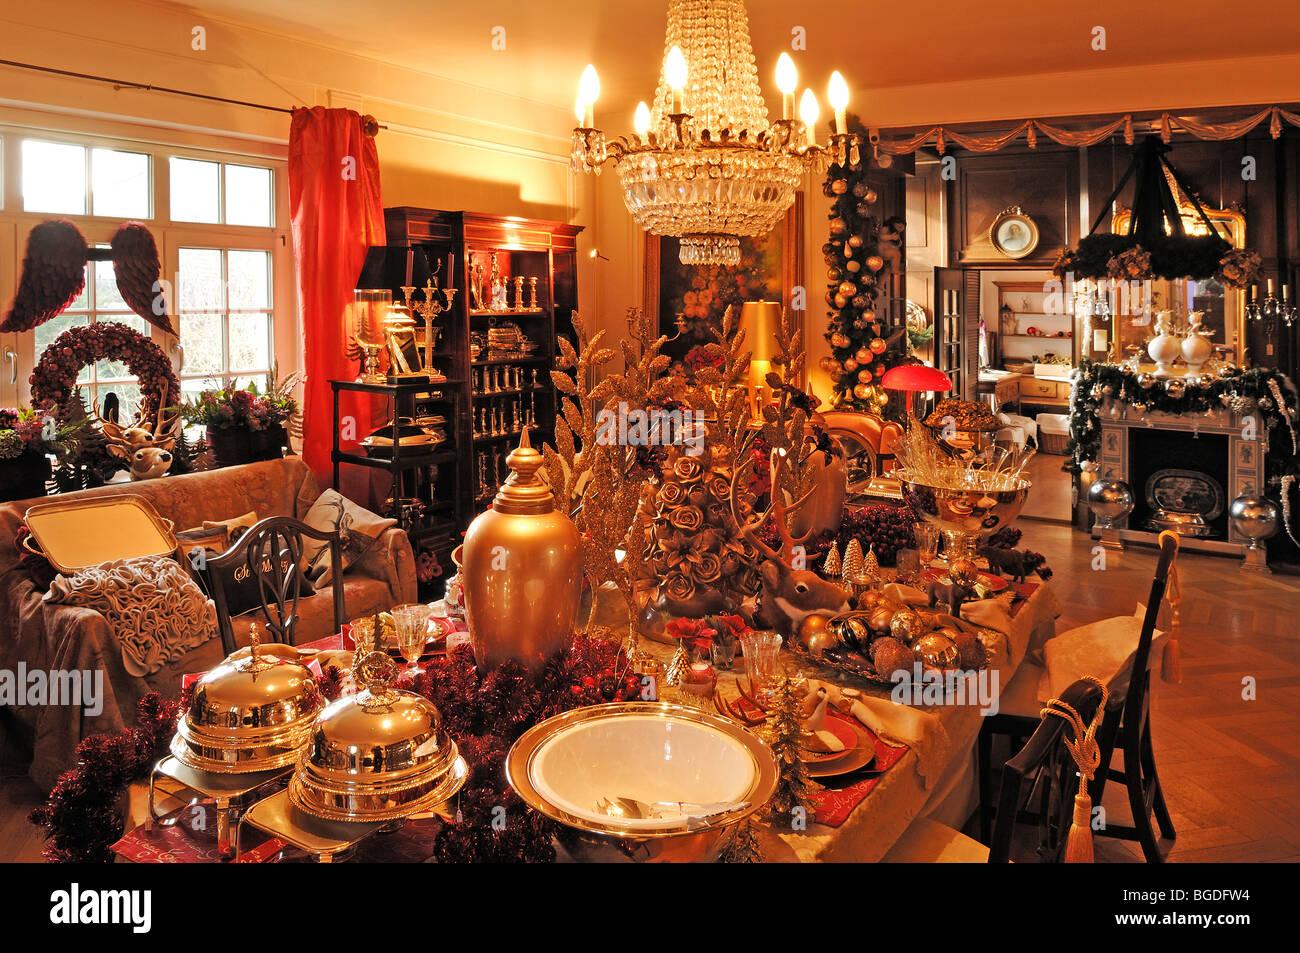 Üppige Weihnachtsdekoration in einem Wohnzimmer dekoriert zu ...